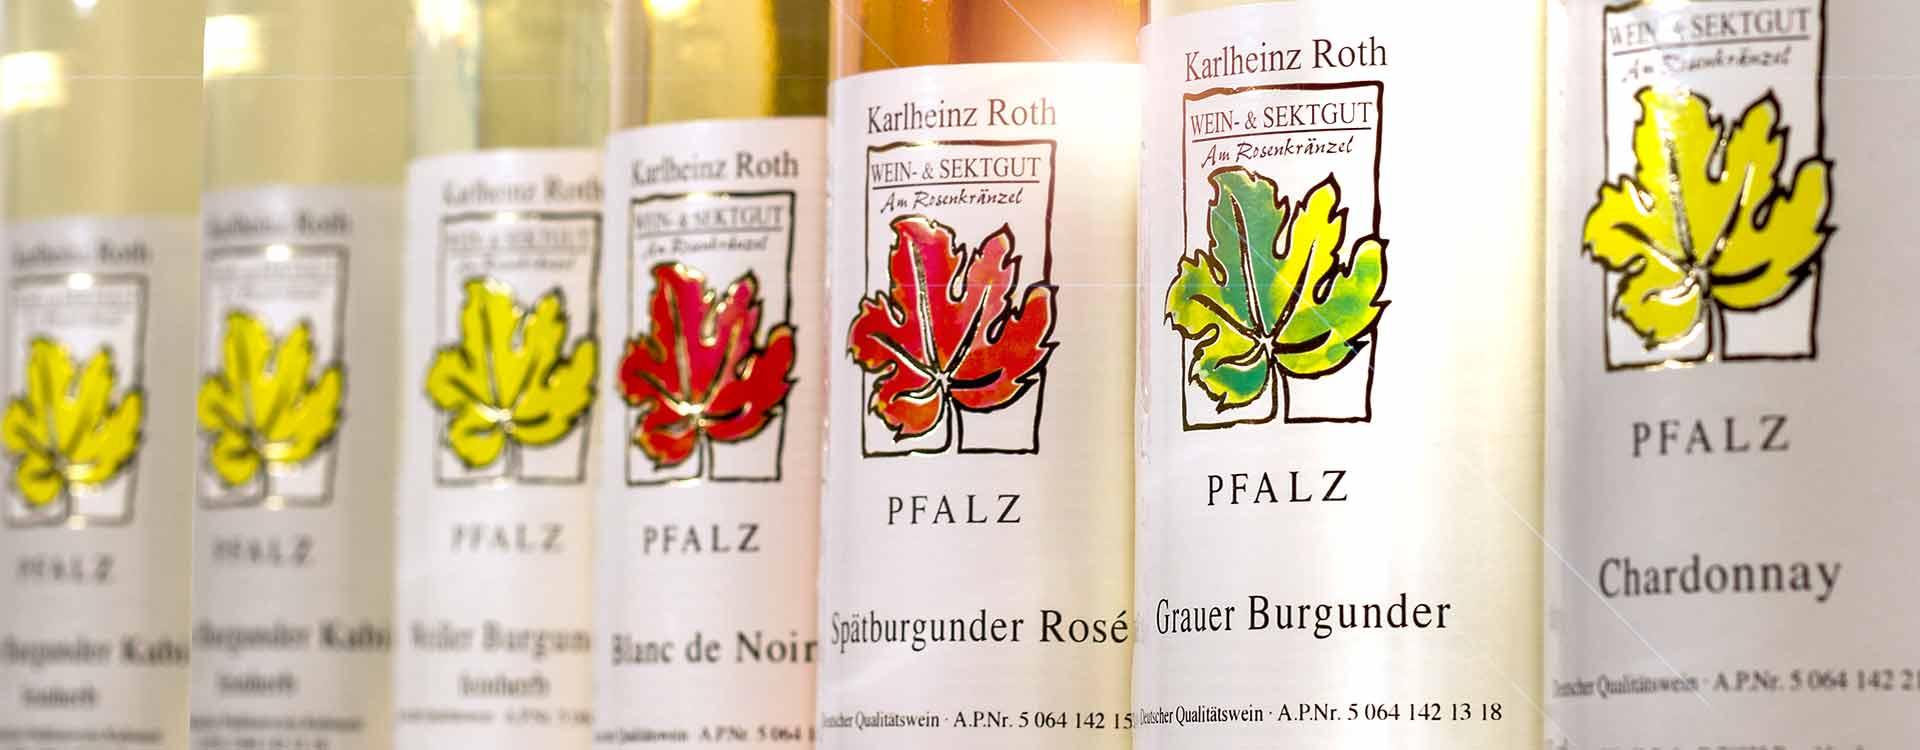 Acht Weinsorten vom Weingut Roth.